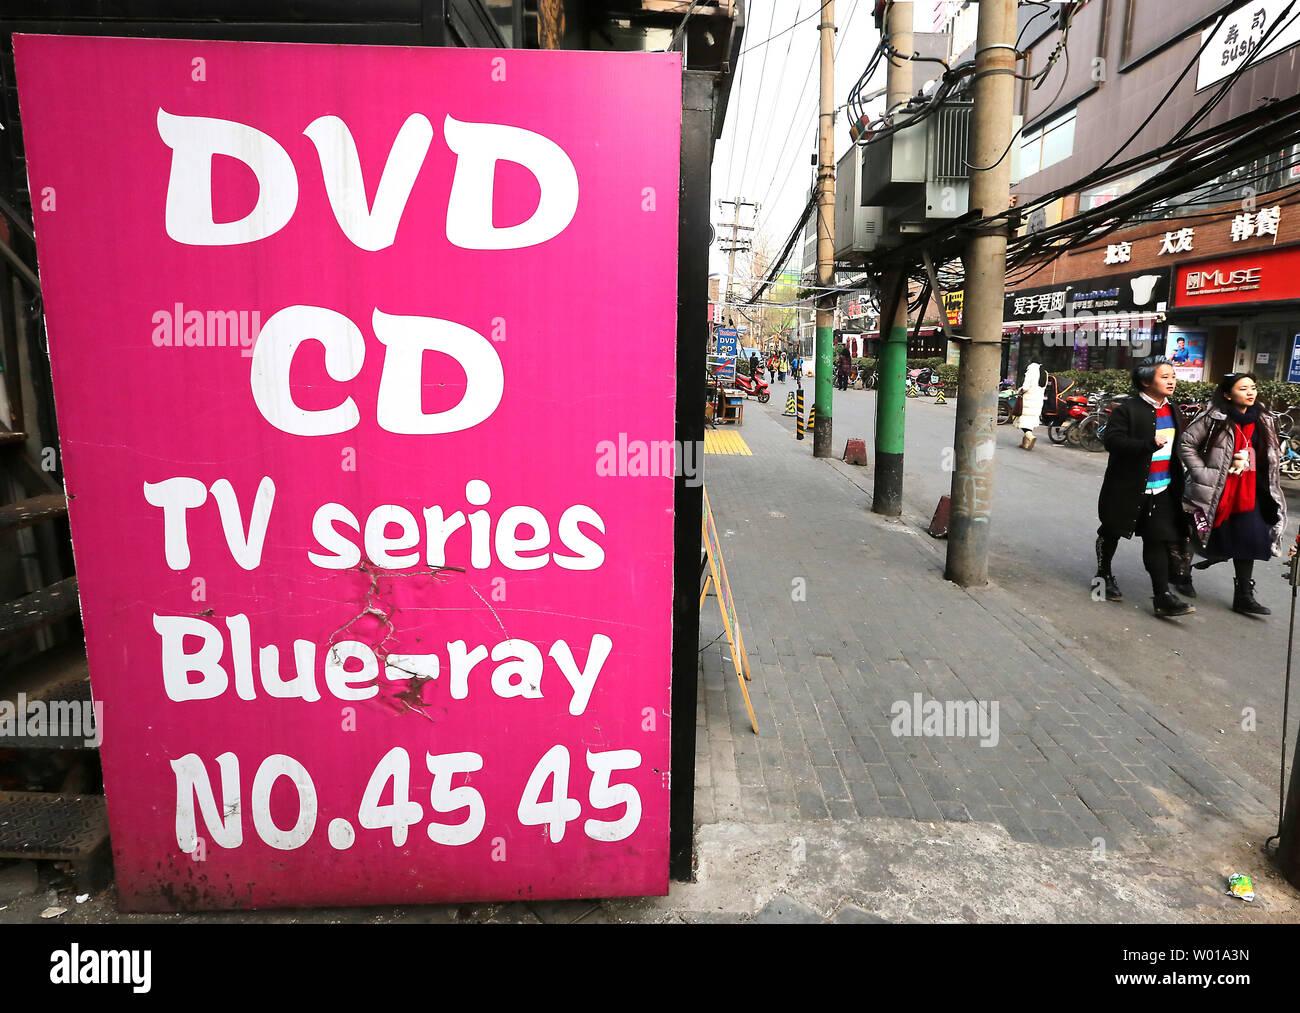 Pirating Movies Stock Photos & Pirating Movies Stock Images - Alamy